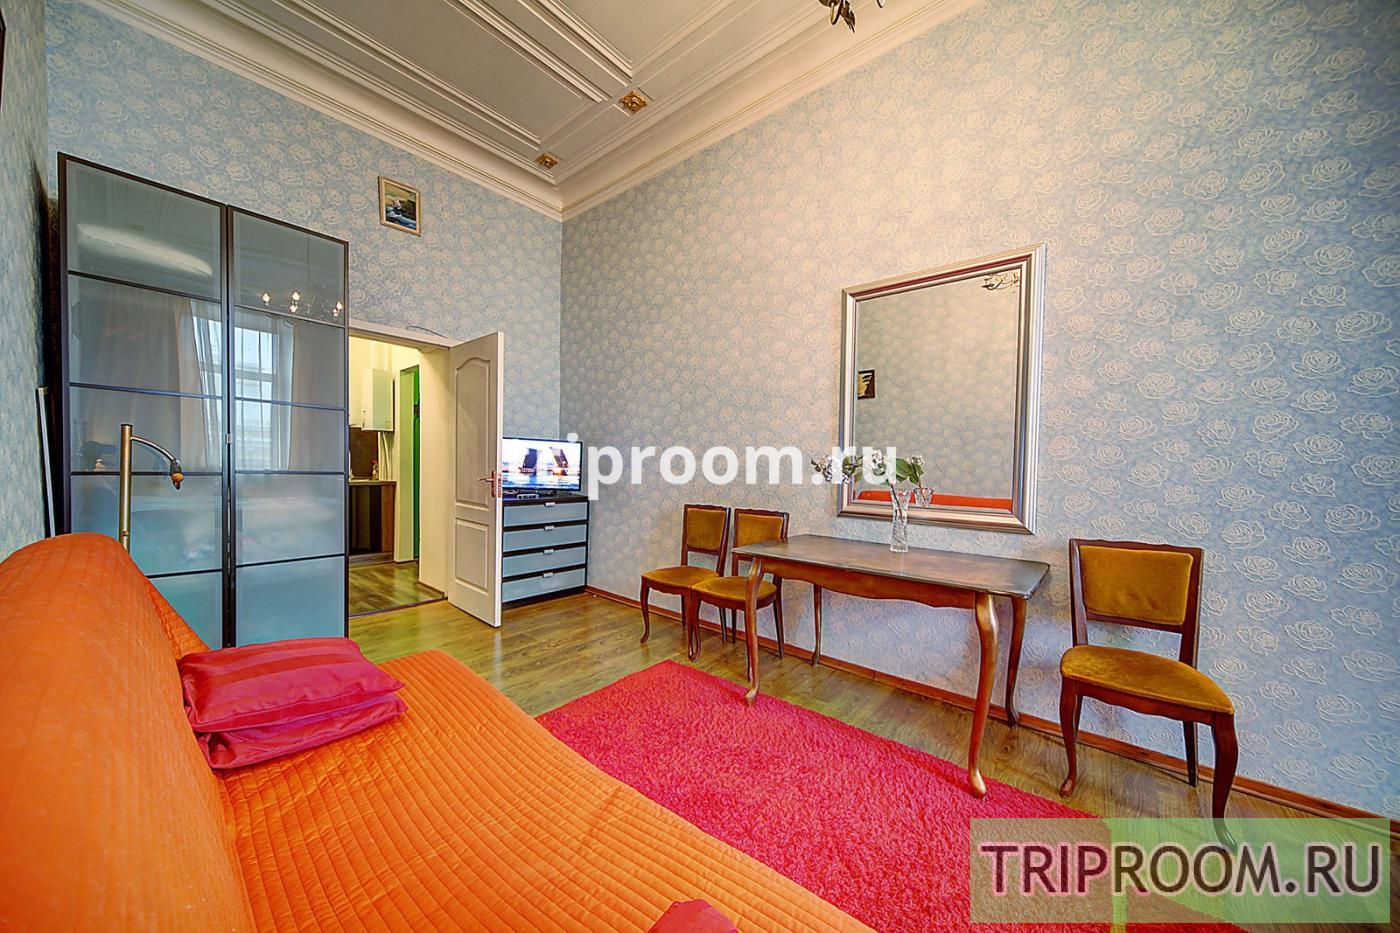 1-комнатная квартира посуточно (вариант № 15424), ул. Итальянская улица, фото № 5